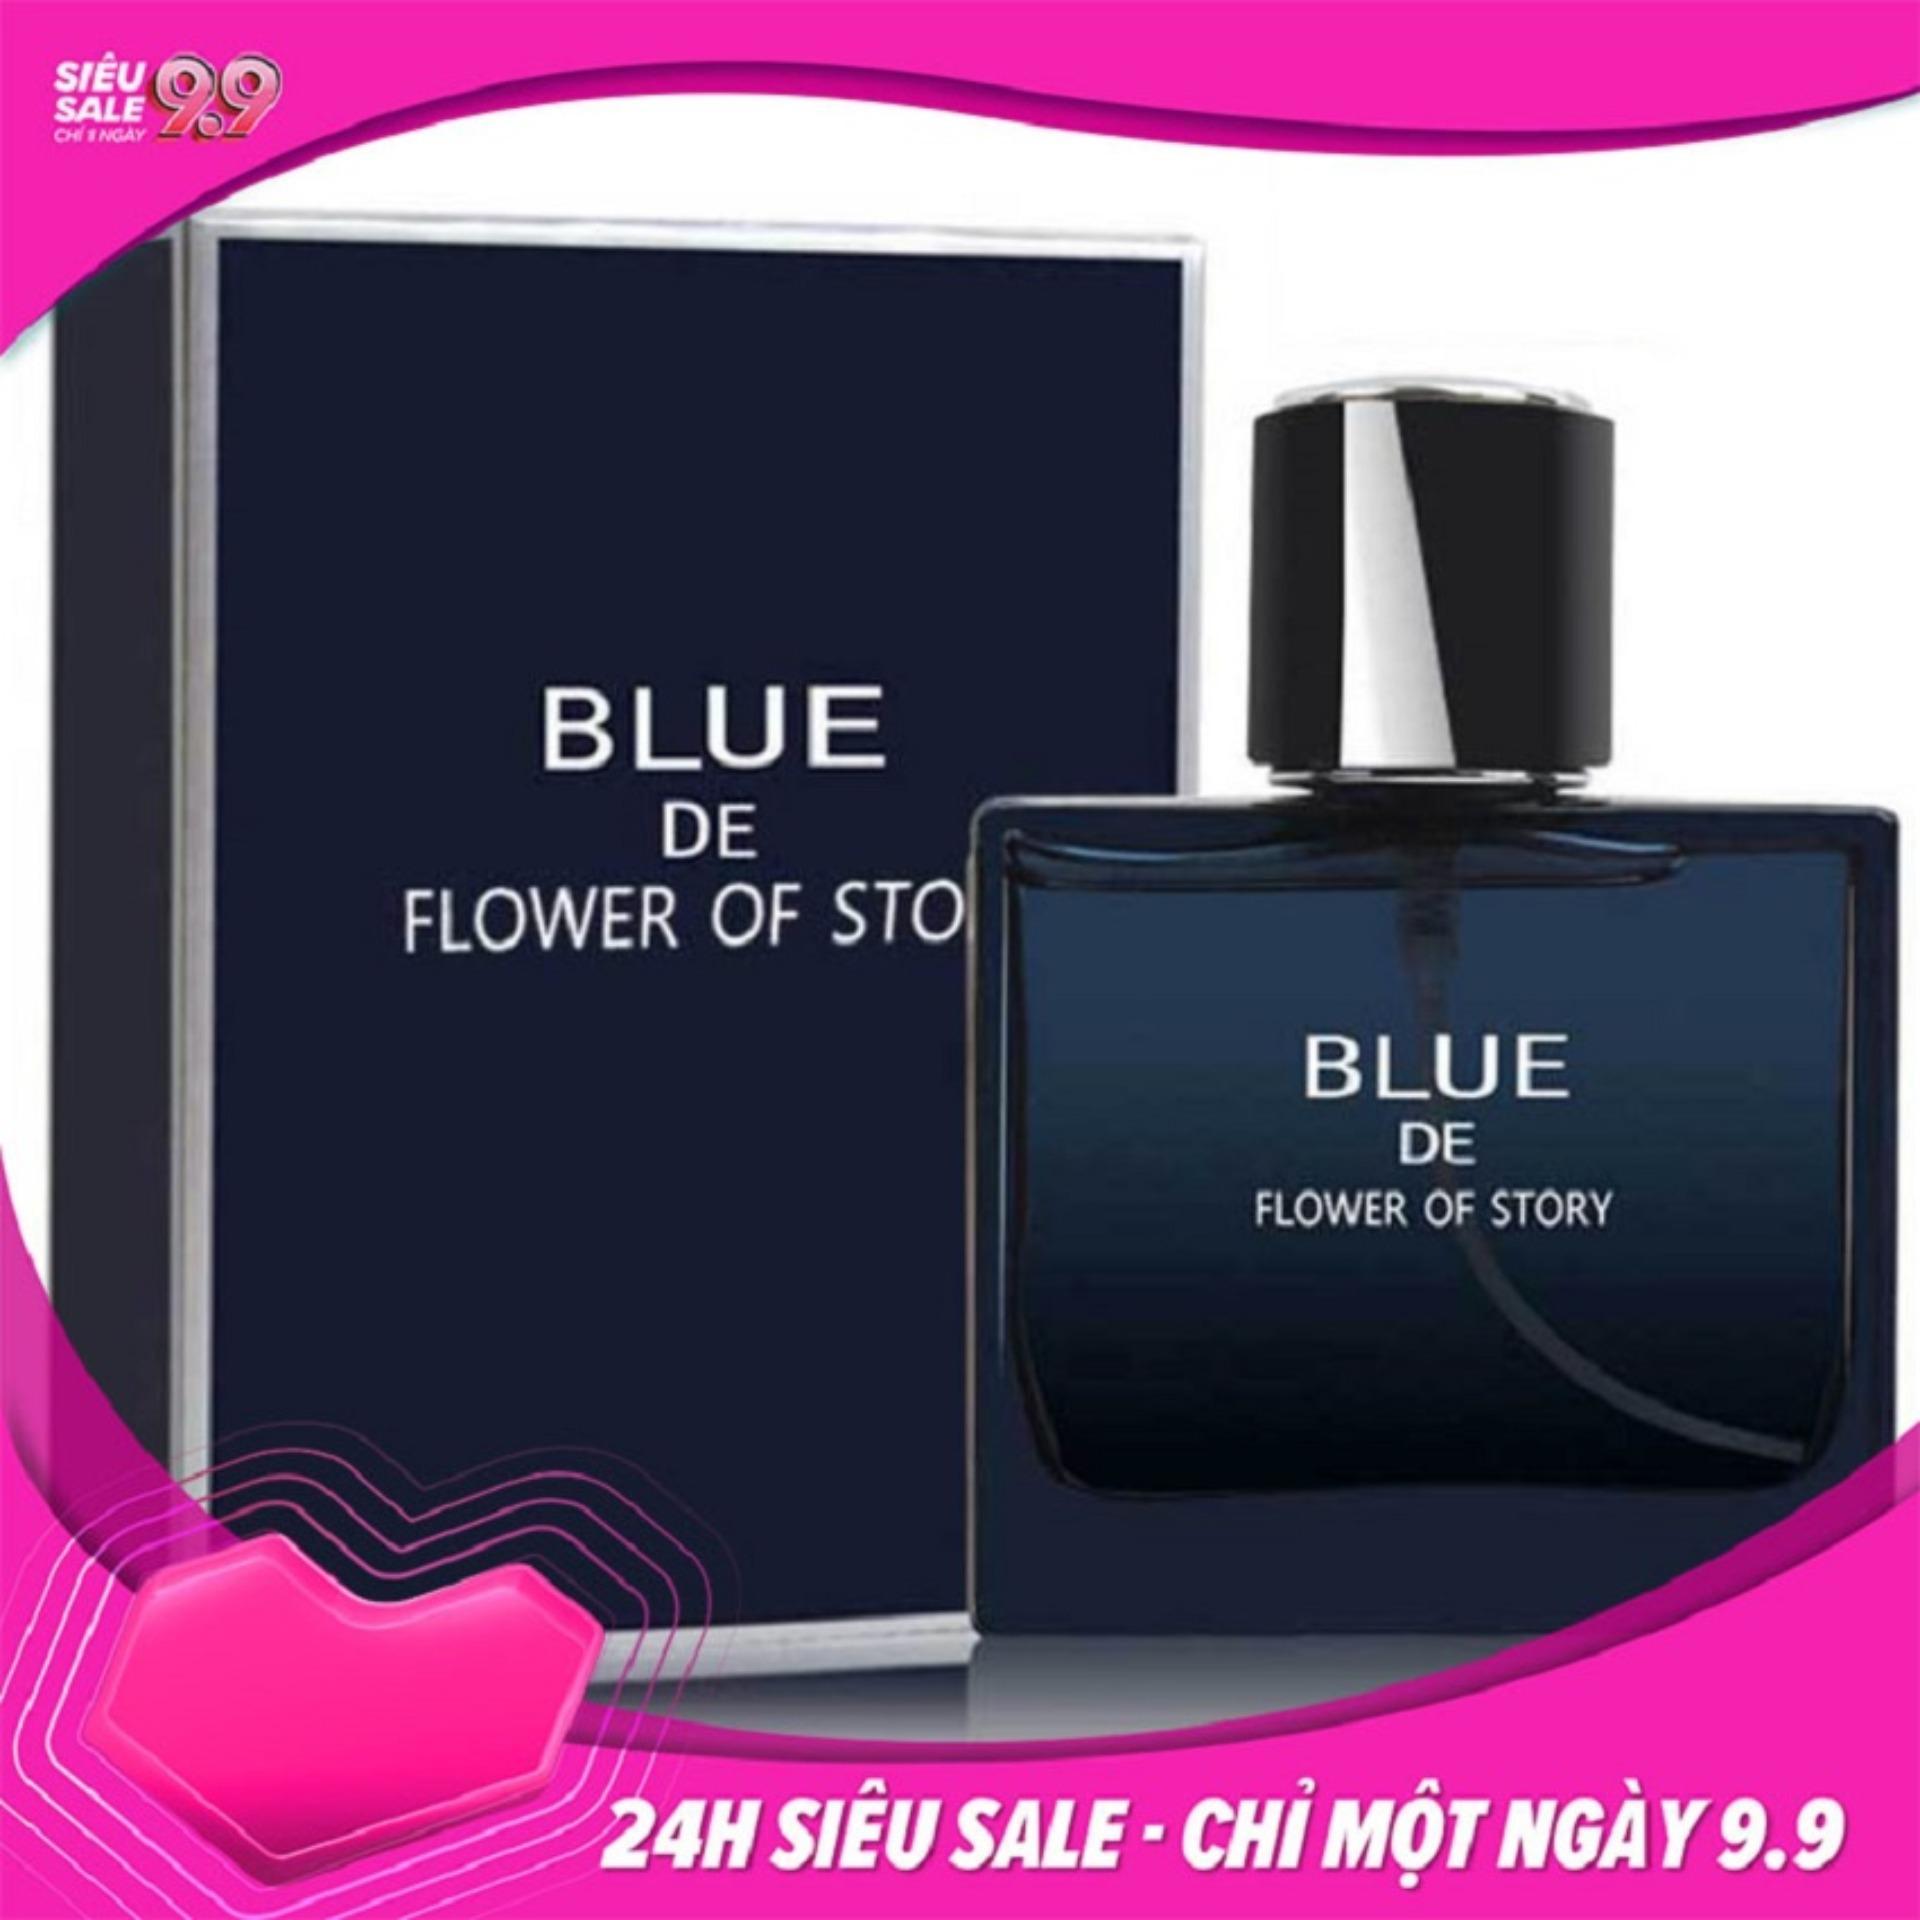 Nước Hoa Nam Blue De Flower Of Story nước hoa for men, hương thơm quyến rũ đàn ông đích thực[FUNNY TIMES] nhập khẩu